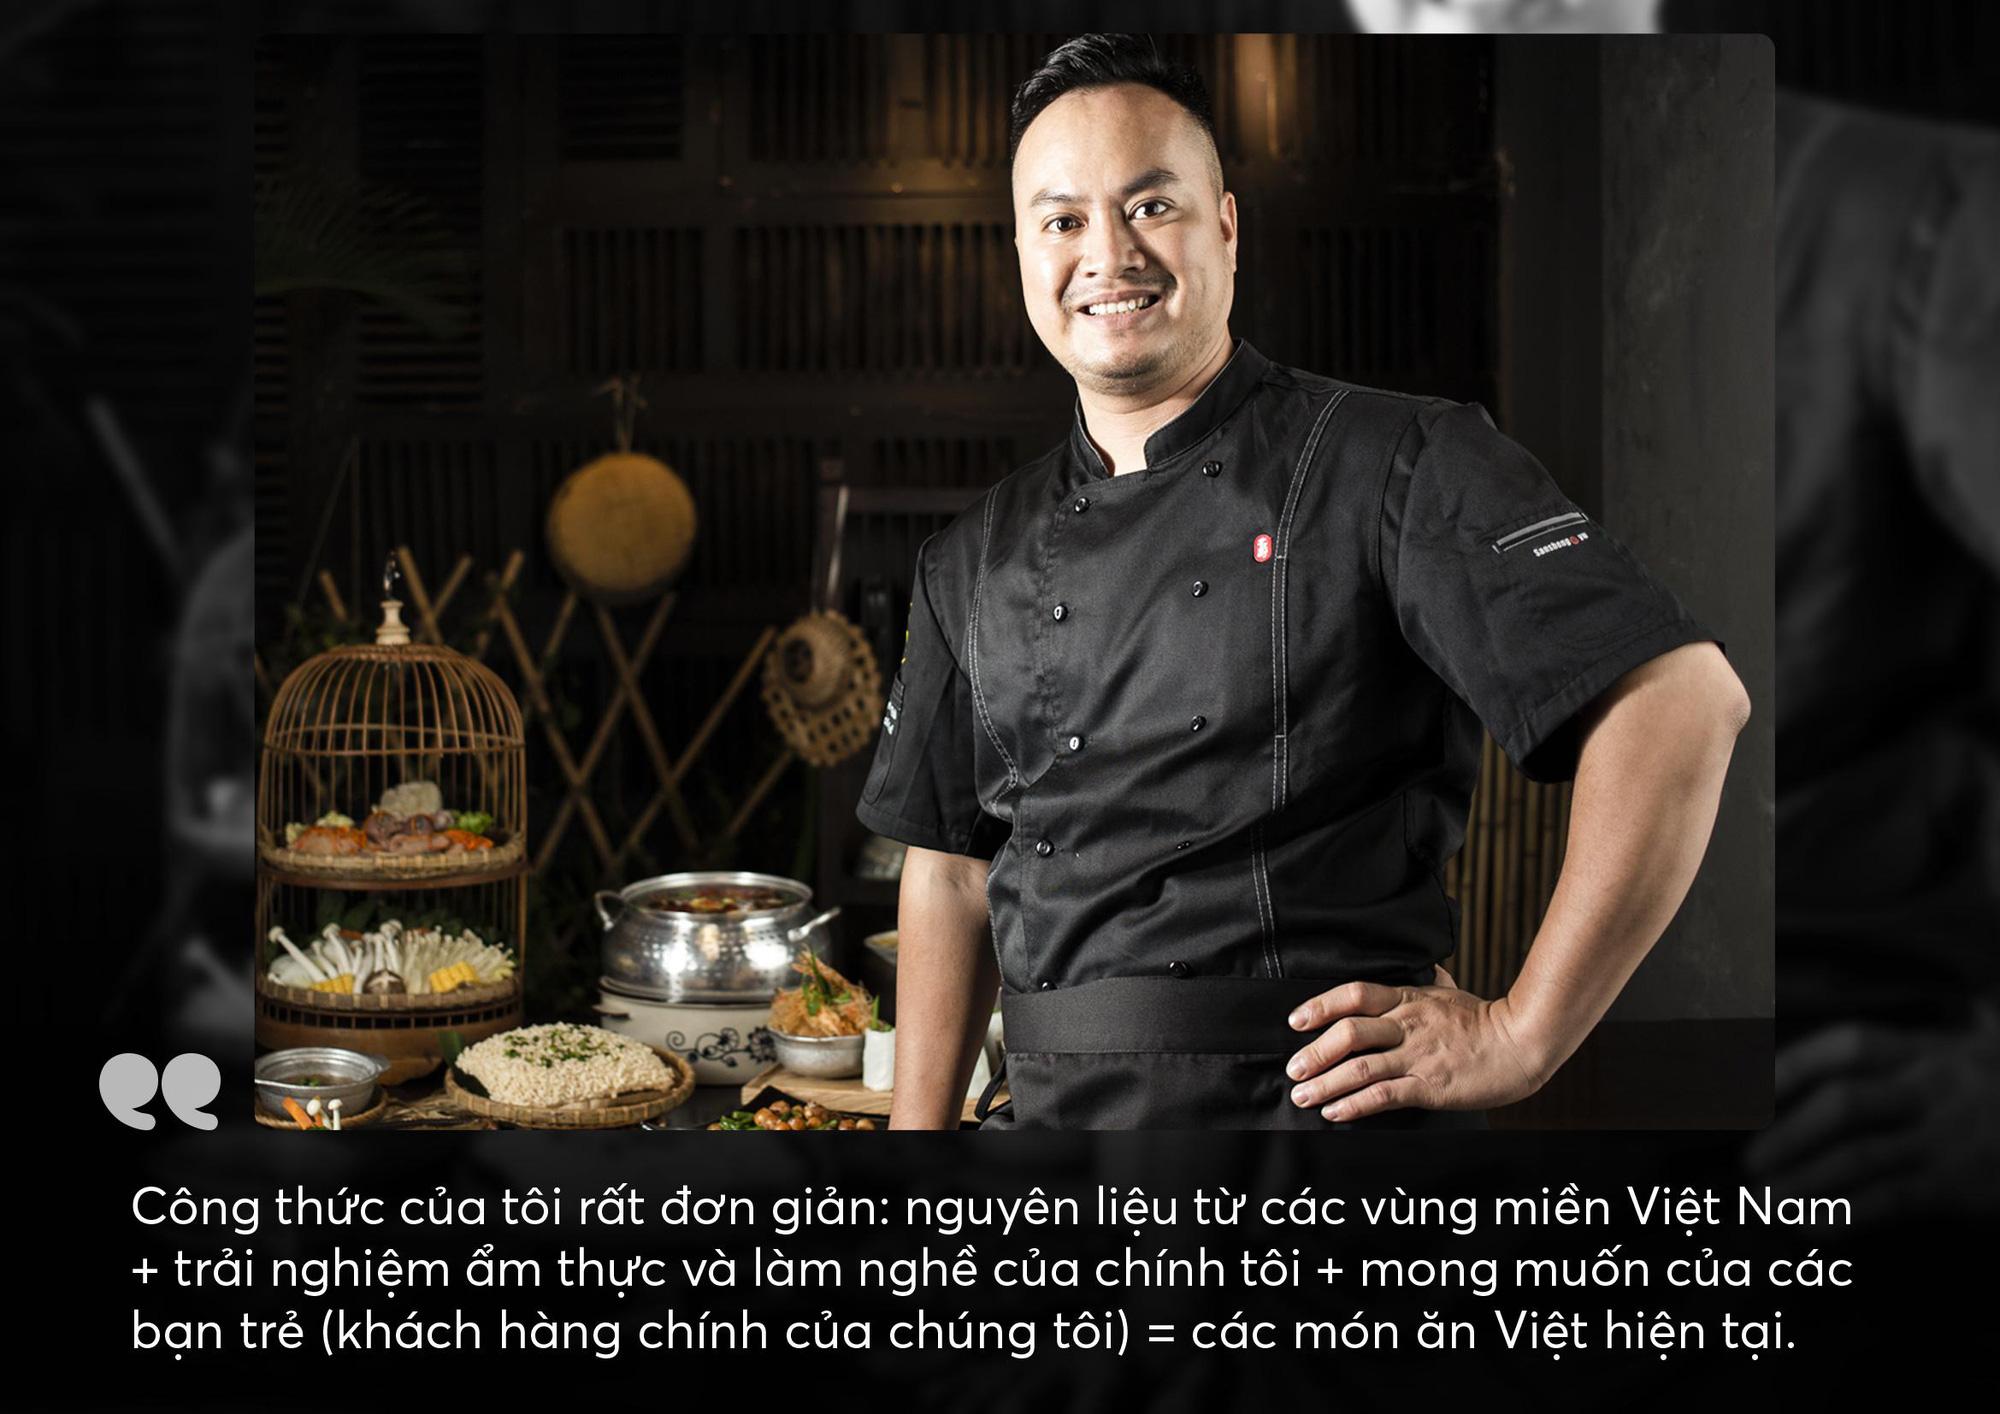 Chef Thái - Nâng tầm món ăn Việt luôn là trăn trở cả đời làm nghề của tôi - Ảnh 5.